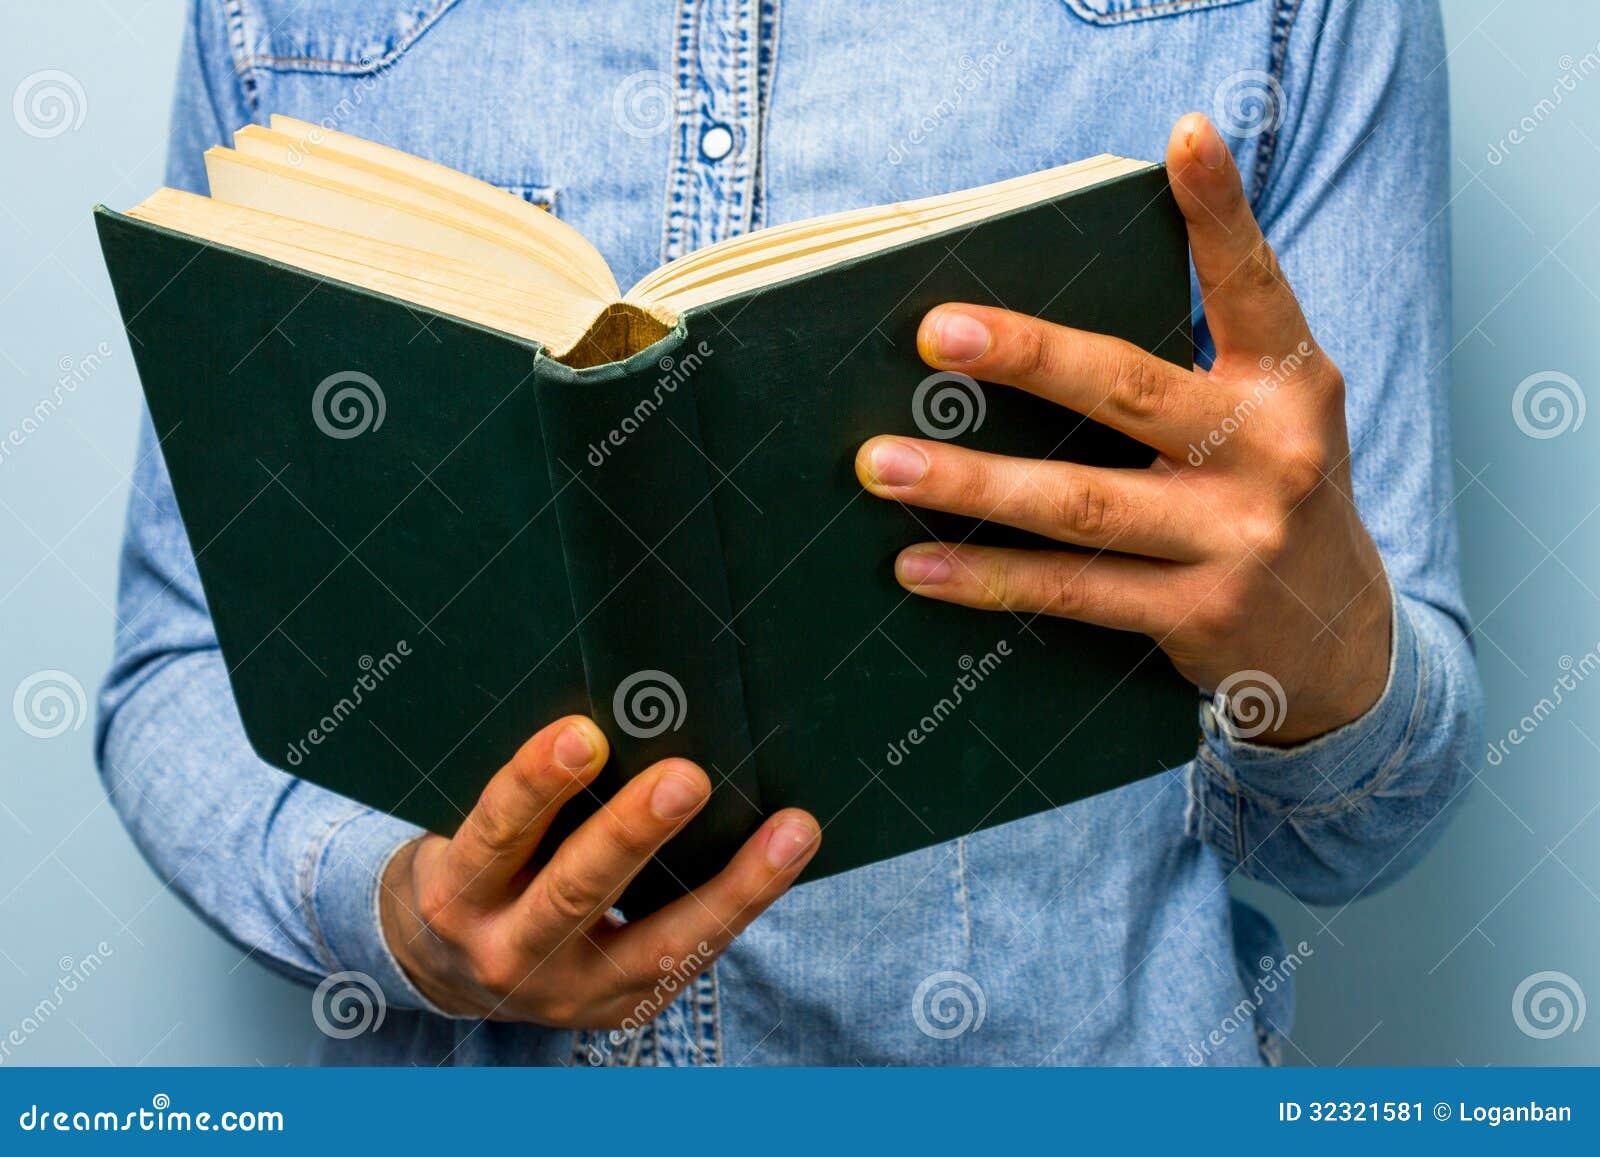 Mann, Der Altes Schweres Buch Liest. Die Bibel? Stockbild - Bild von ...